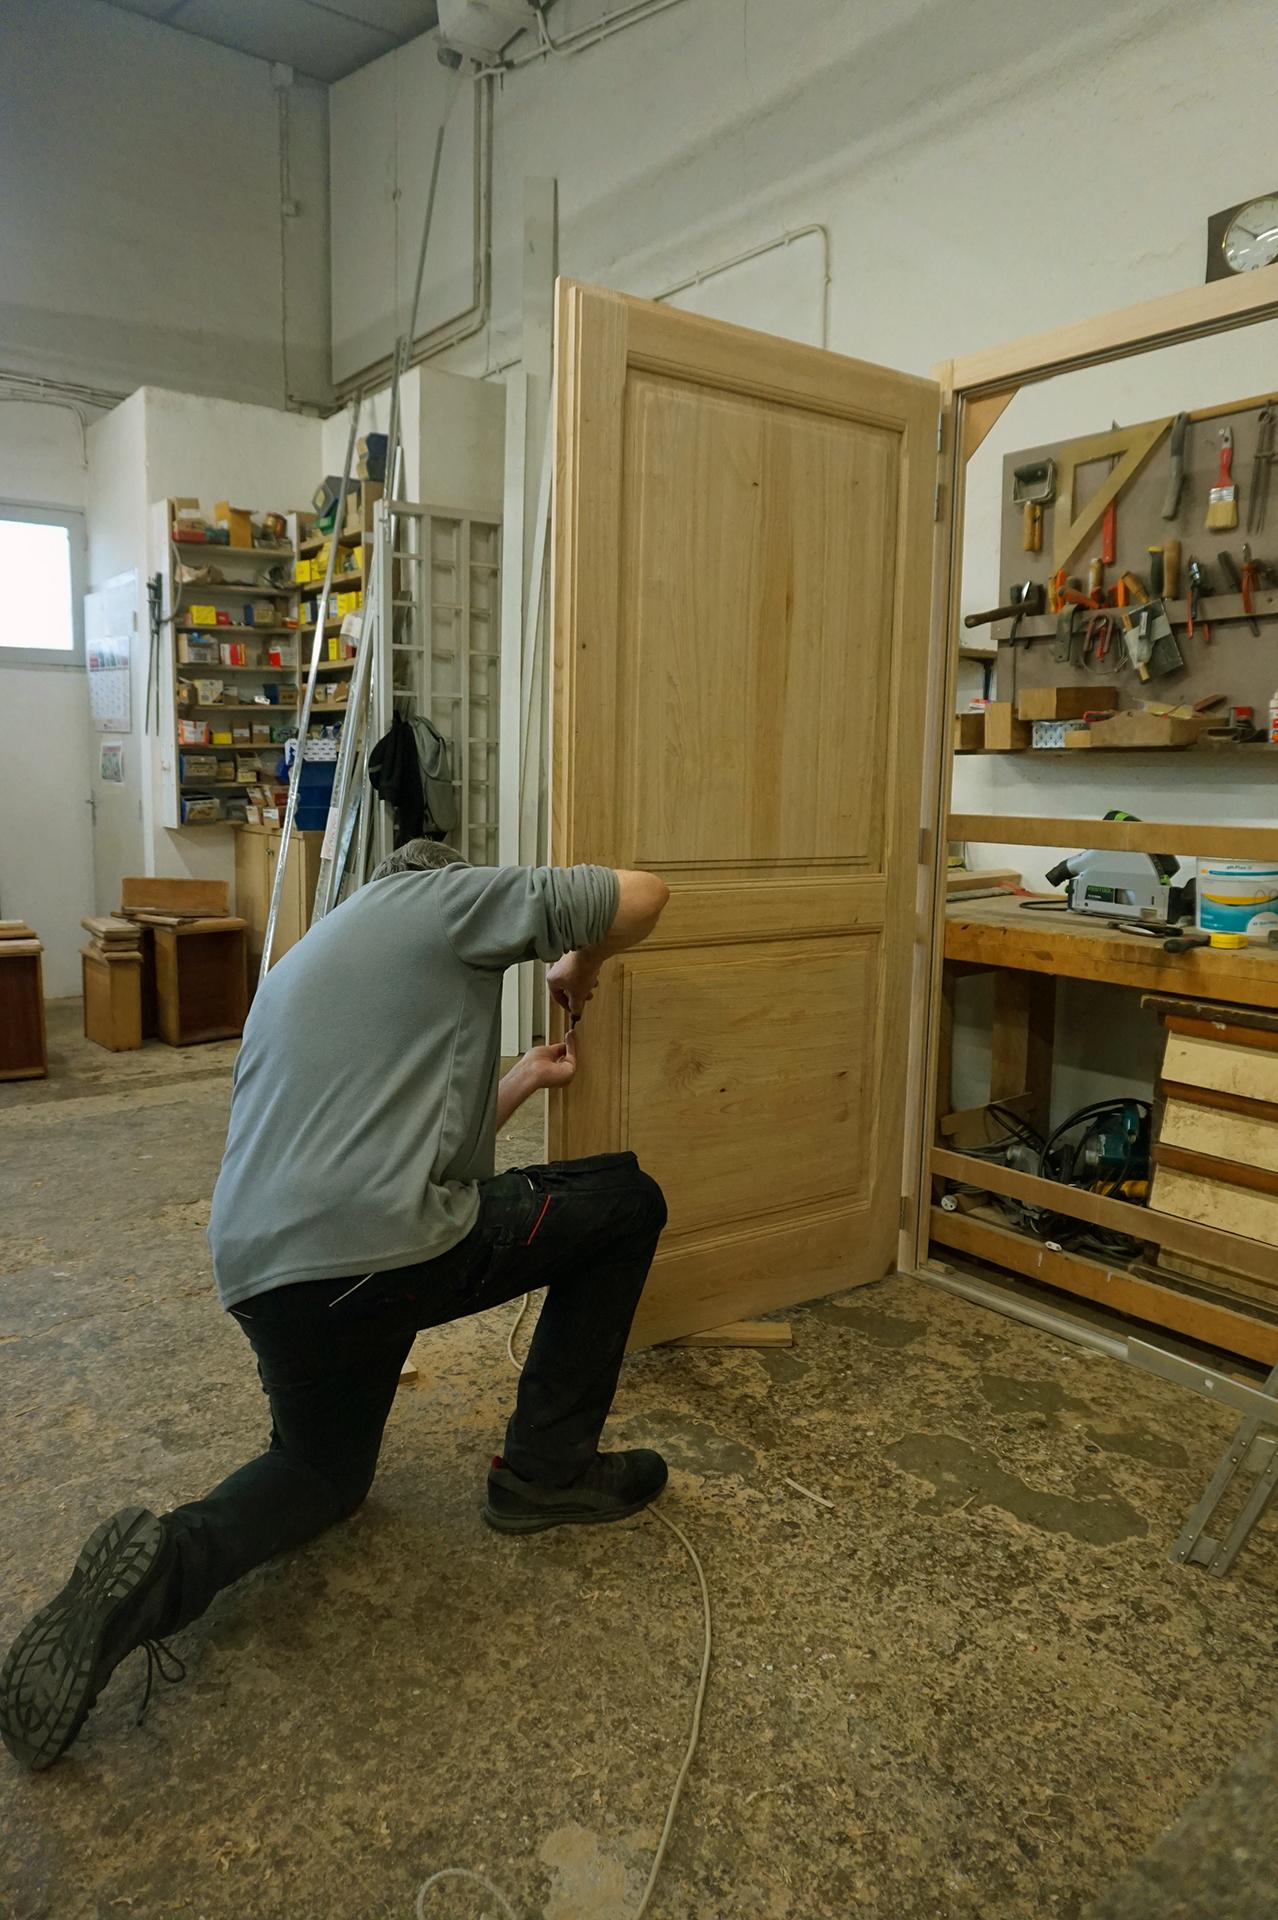 Atelier de fabrication des meubles : réalisation d'une porte sur mesure